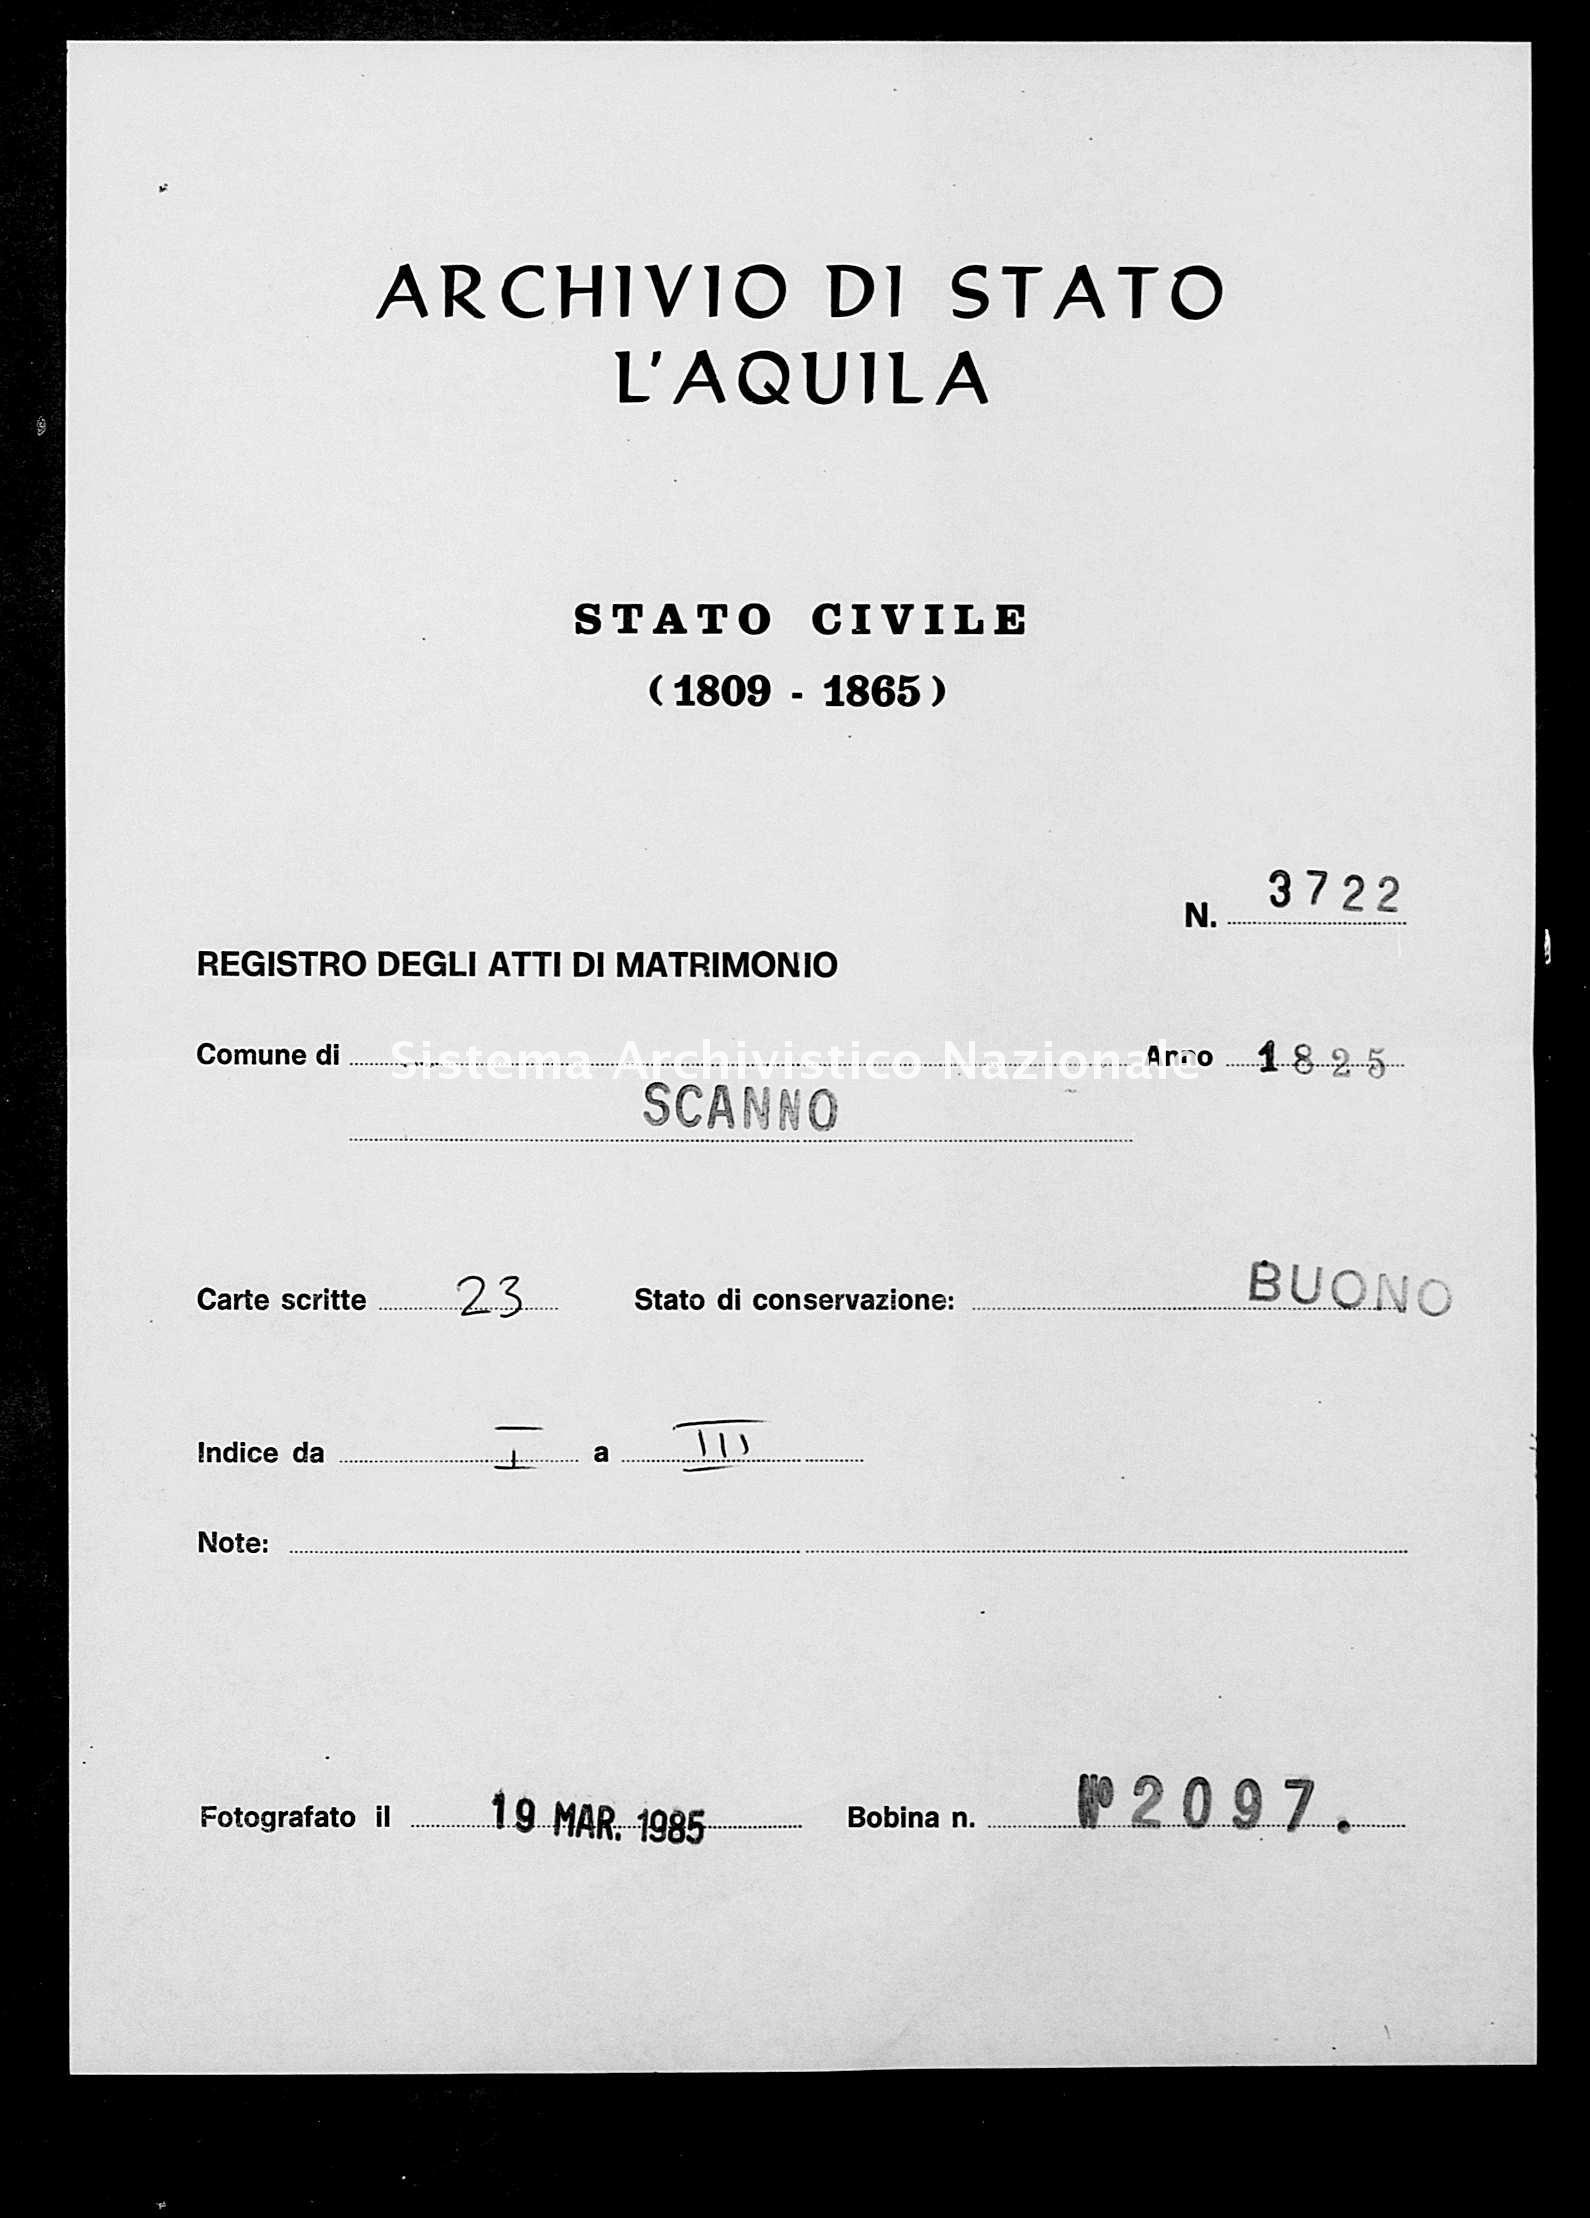 Archivio di stato di L'aquila - Stato civile della restaurazione - Scanno - Matrimoni - 1825 - 3722 -